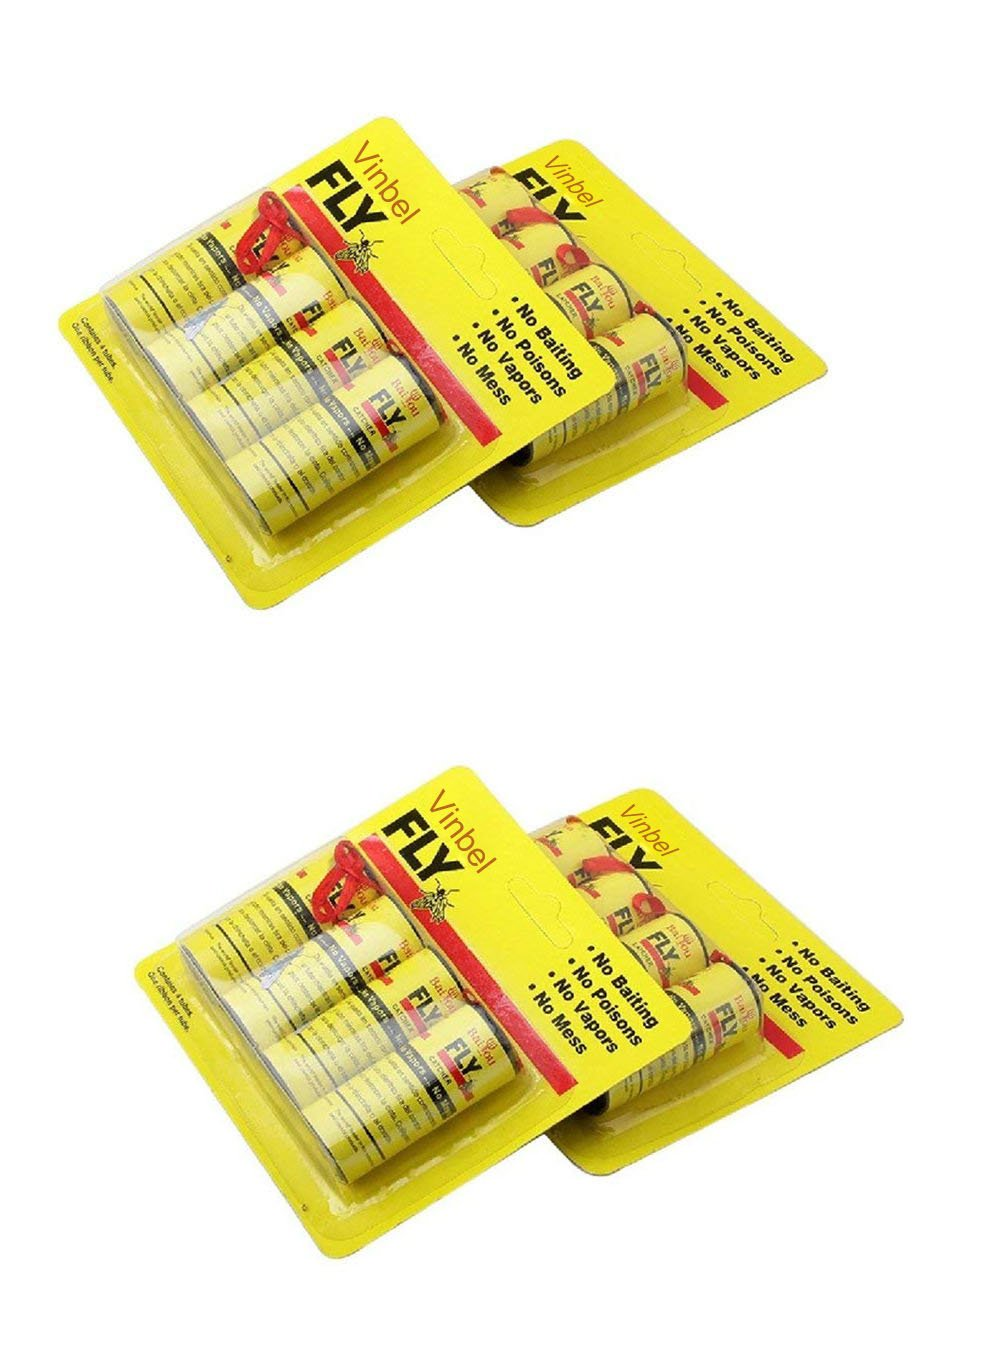 Vinbel Sticky Fly Ribbons, Fly Catcher Ribbon Fly Paper Strips,Fly Trap, Fly Catcher Trap, Fly Bait - 16 Pack